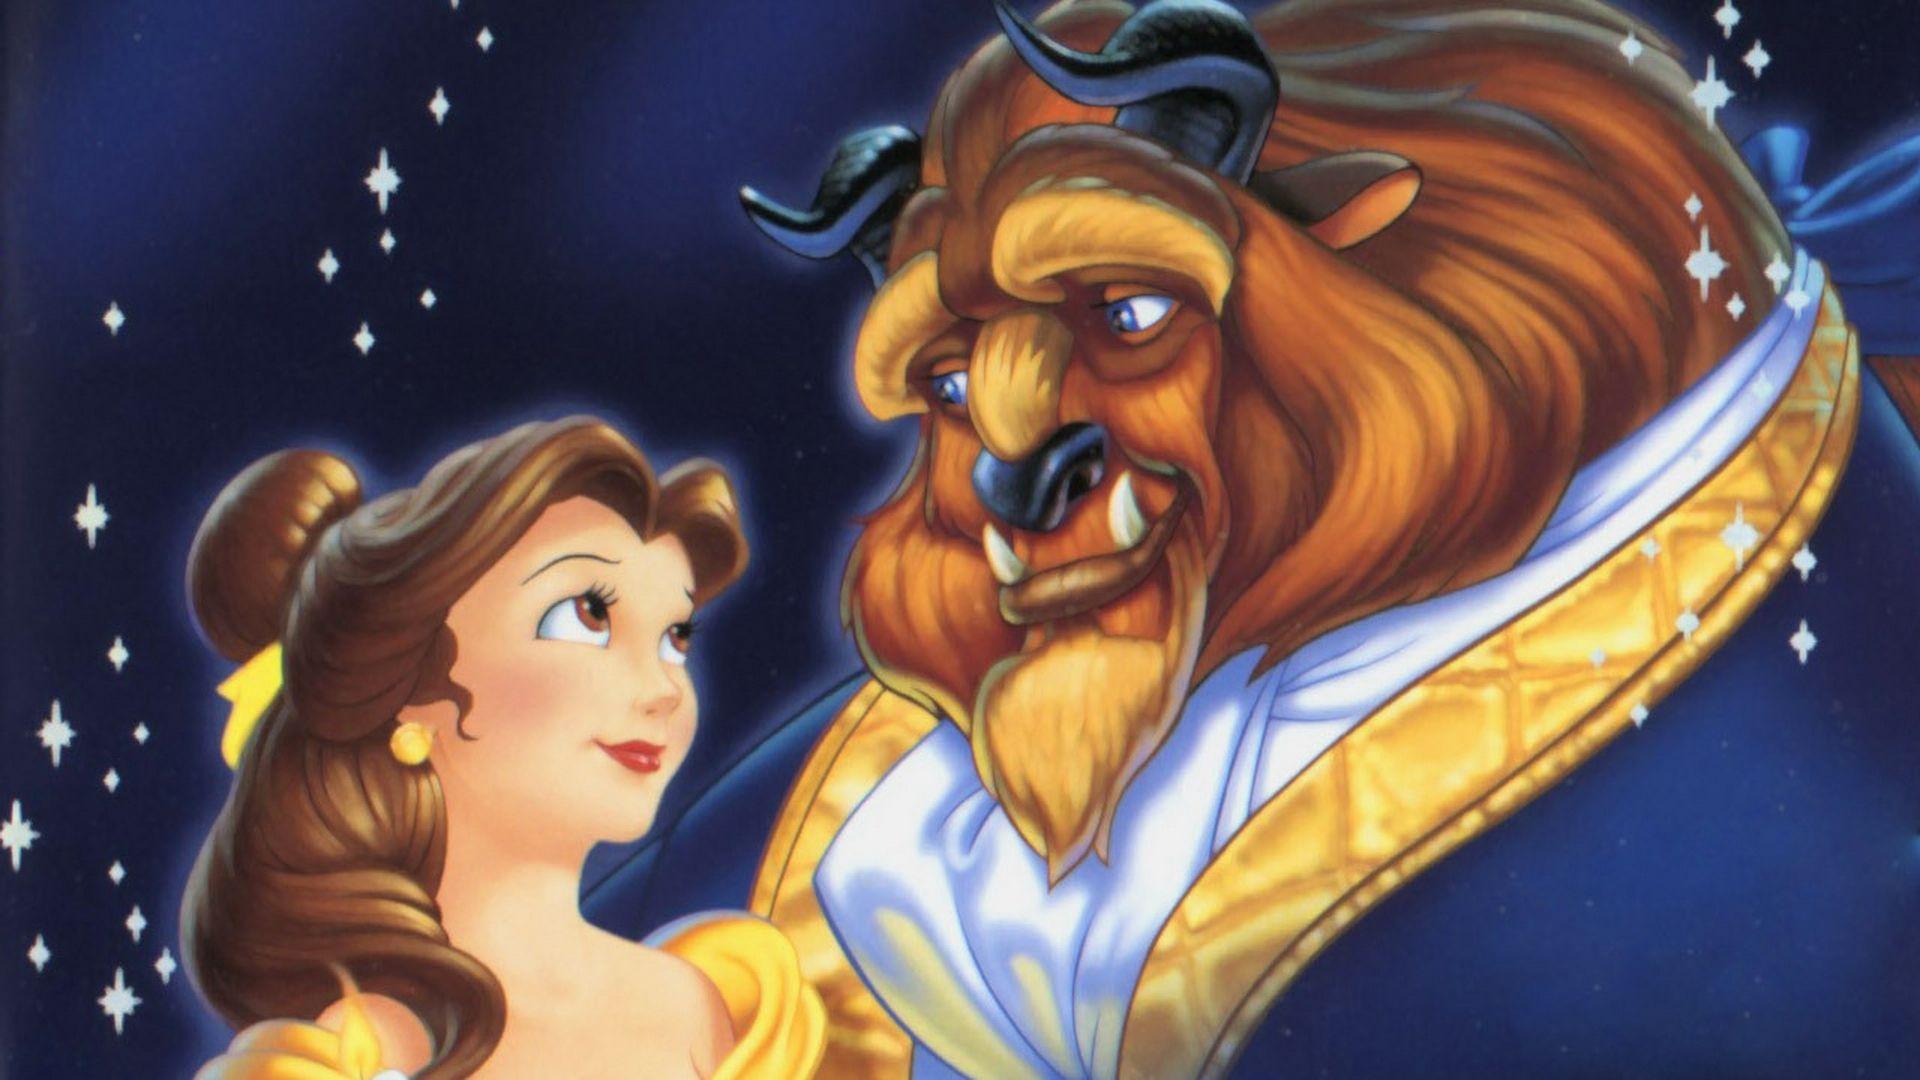 Beauty And The Beast Beast Wallpaper Cartoon Wallpaper Hd